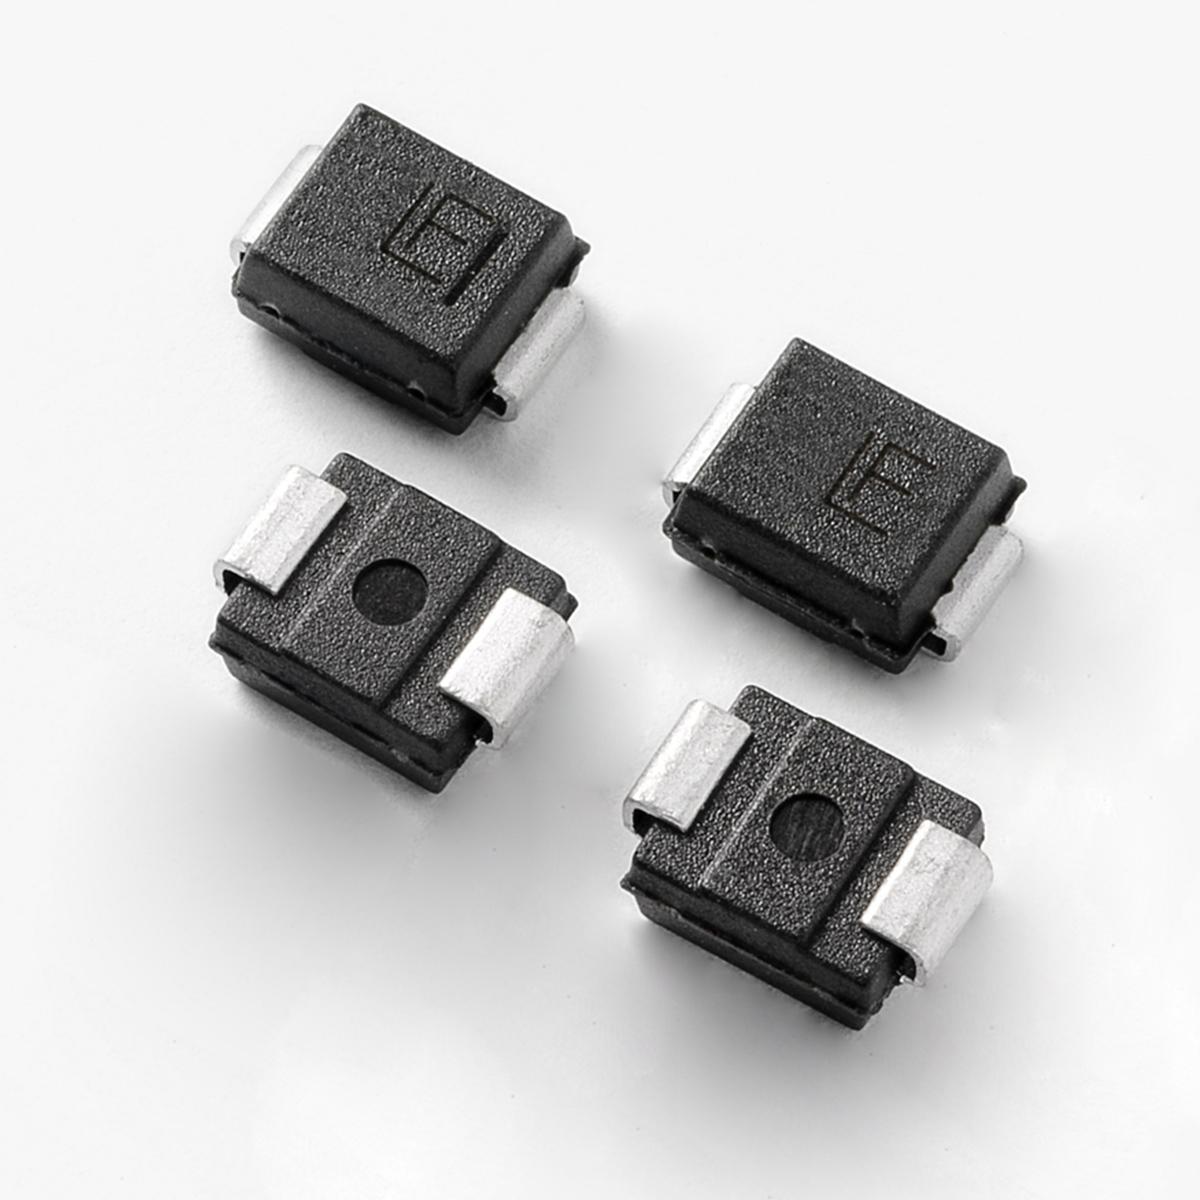 TVS-Dioden für die Oberflächenmontage - Dioden - Littelfuse